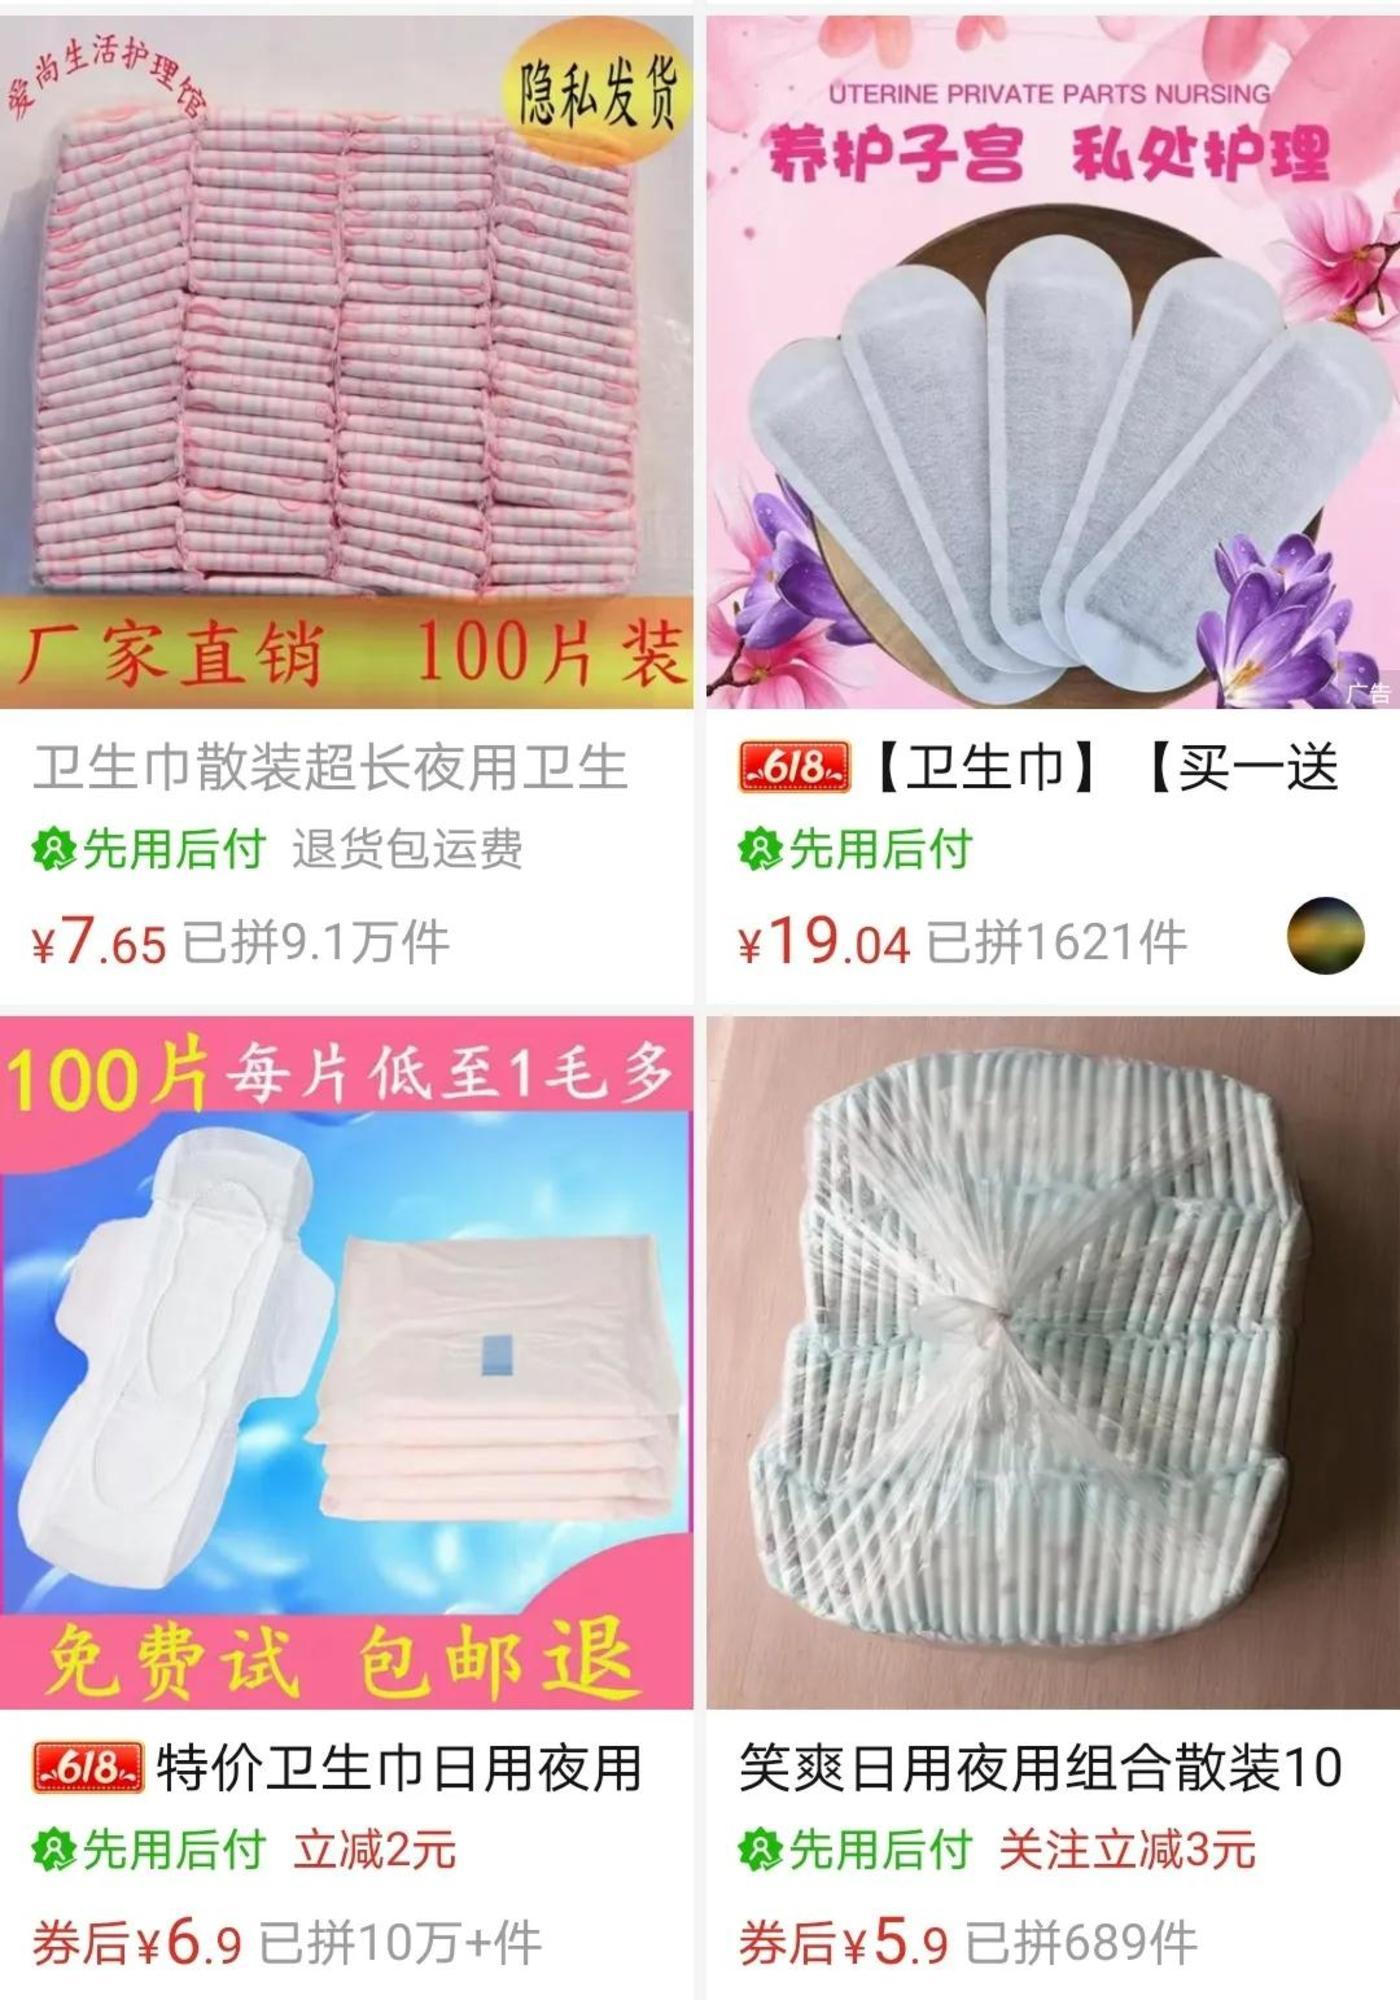 ▲月销10万+的散装卫生巾